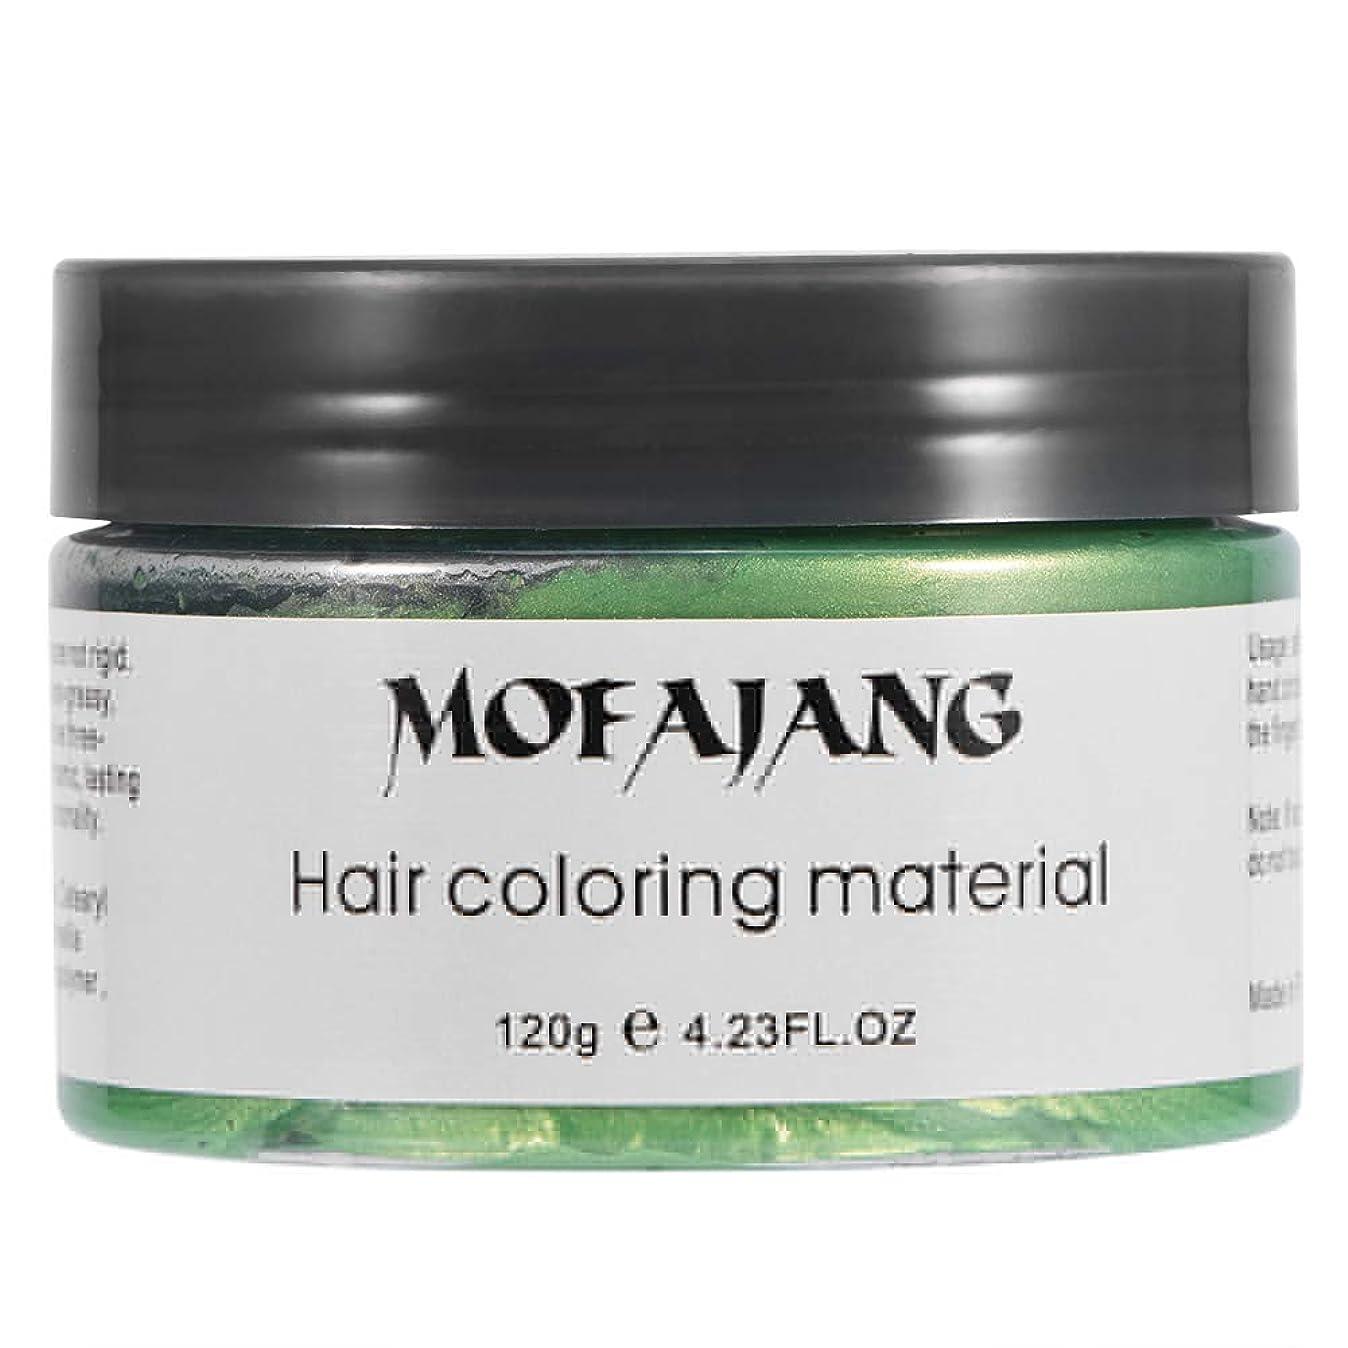 うそつきスタジアム解決男性女性使い捨て染毛泥美容クリームヘアスタイリング着色ワックス120ミリリットル(緑)